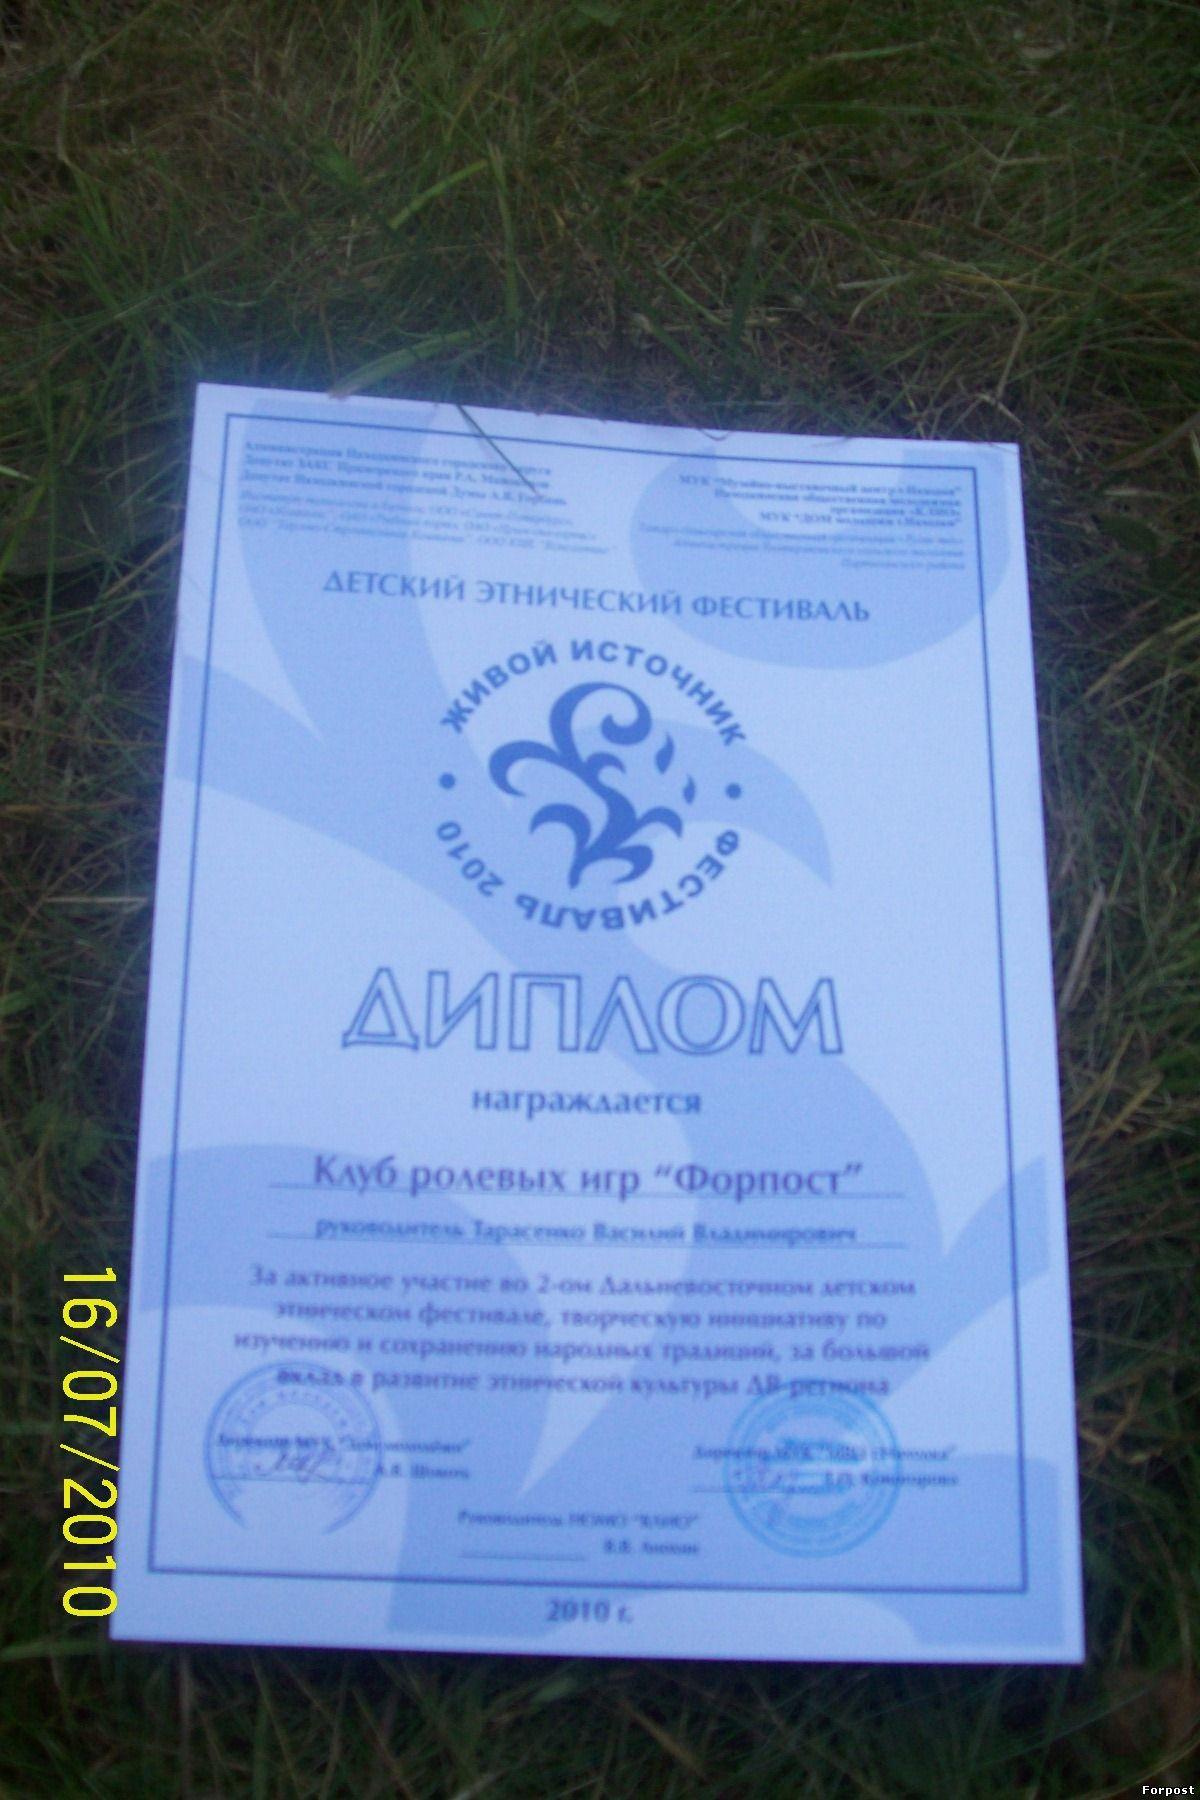 http://primcon.my1.ru/smena/alfa_100_1005.jpg